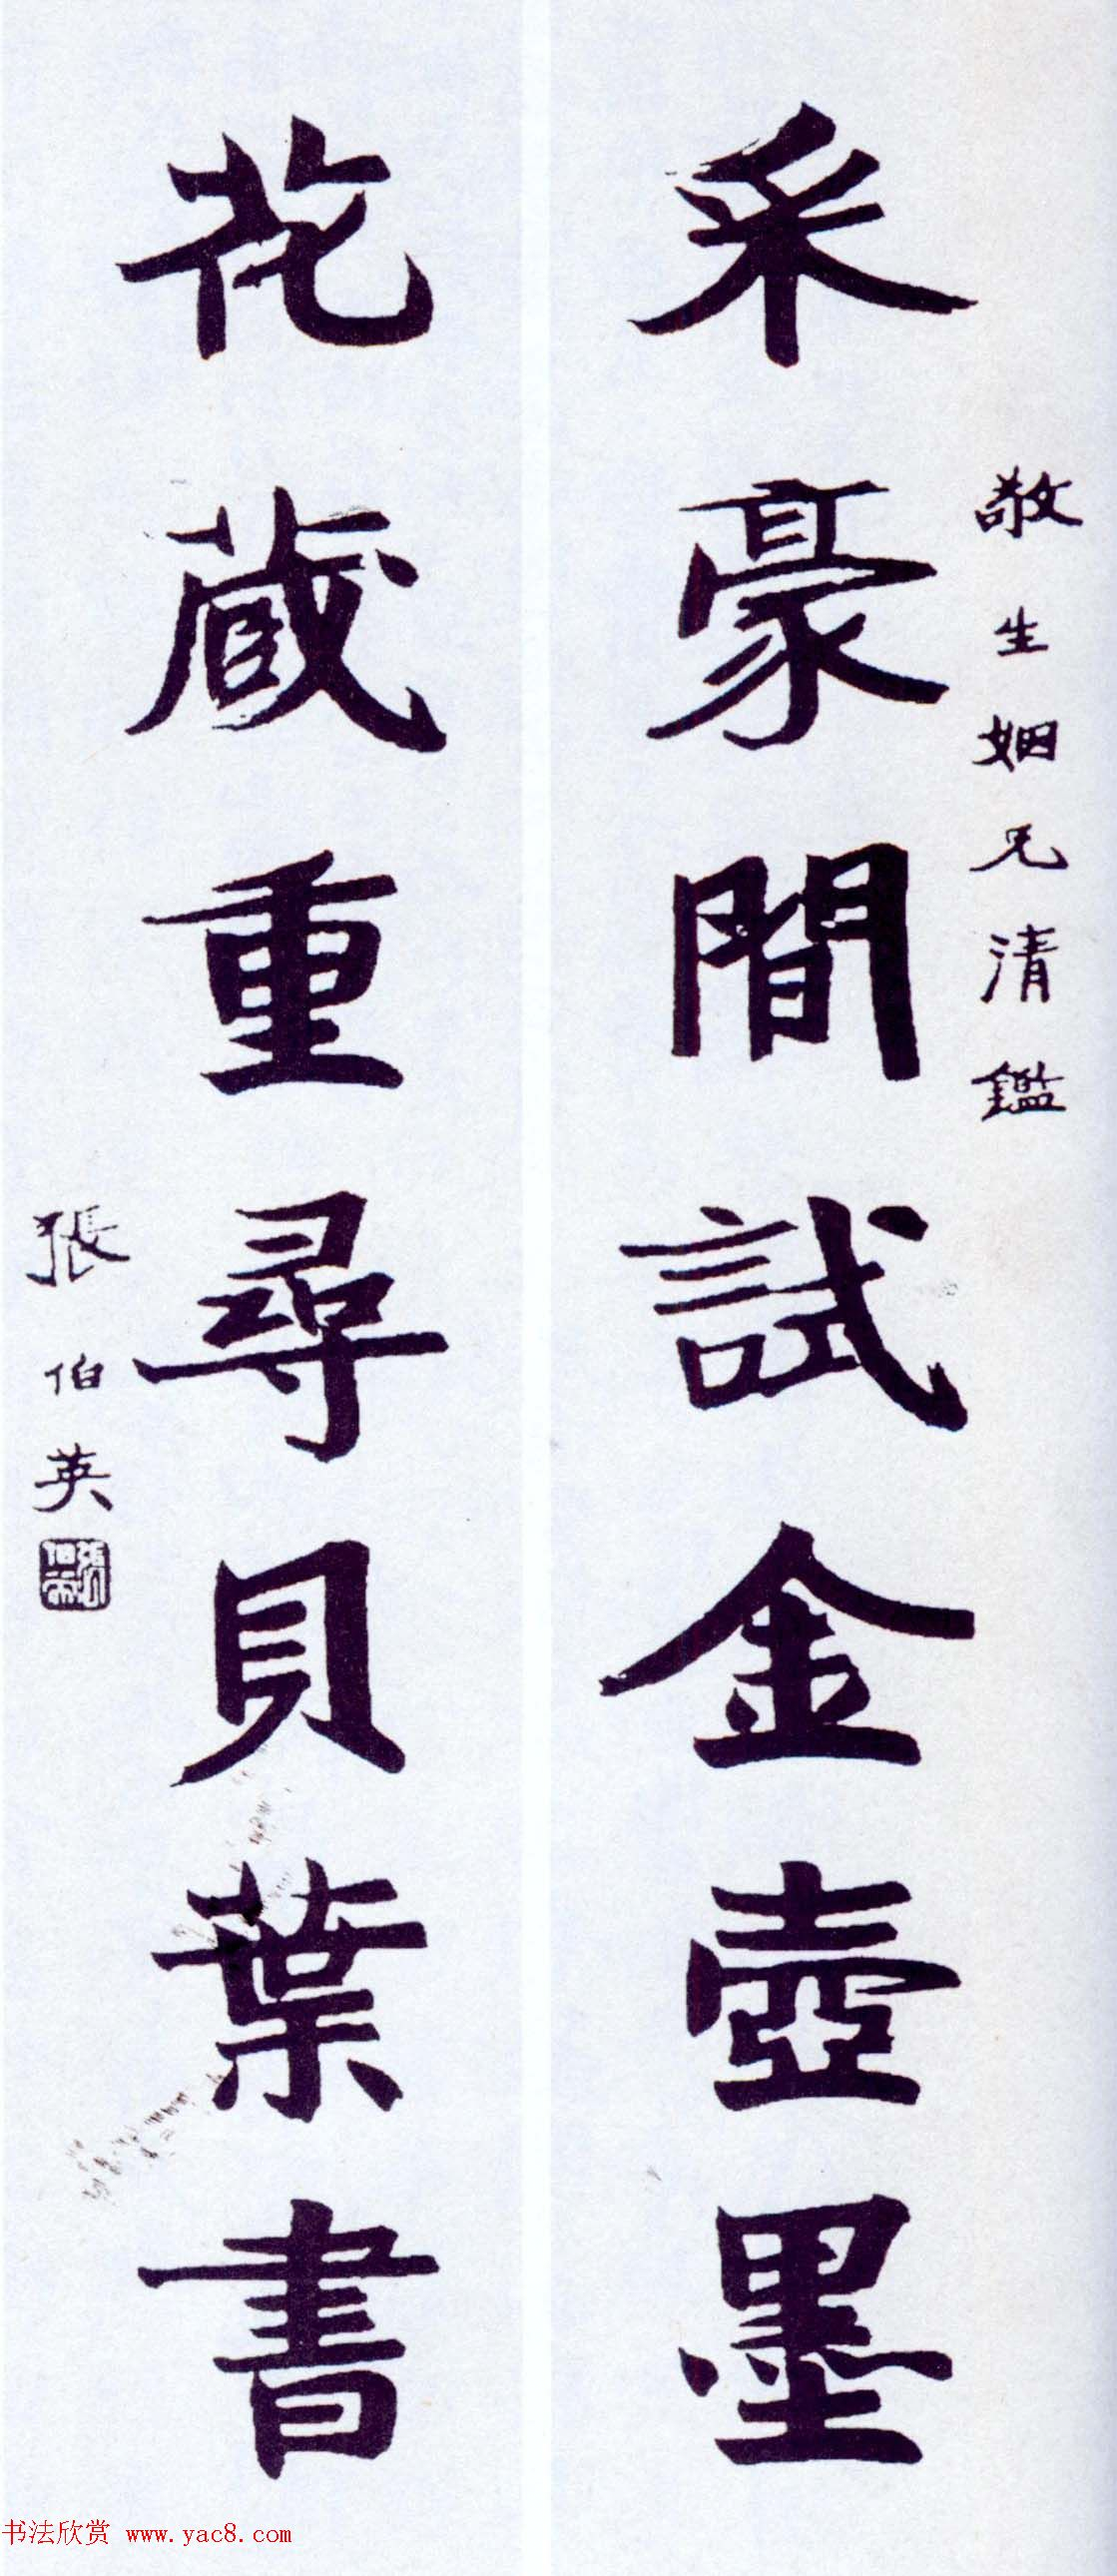 近代书法名家张伯英楷书行书墨迹欣赏 第2页 毛笔书法 书法欣赏